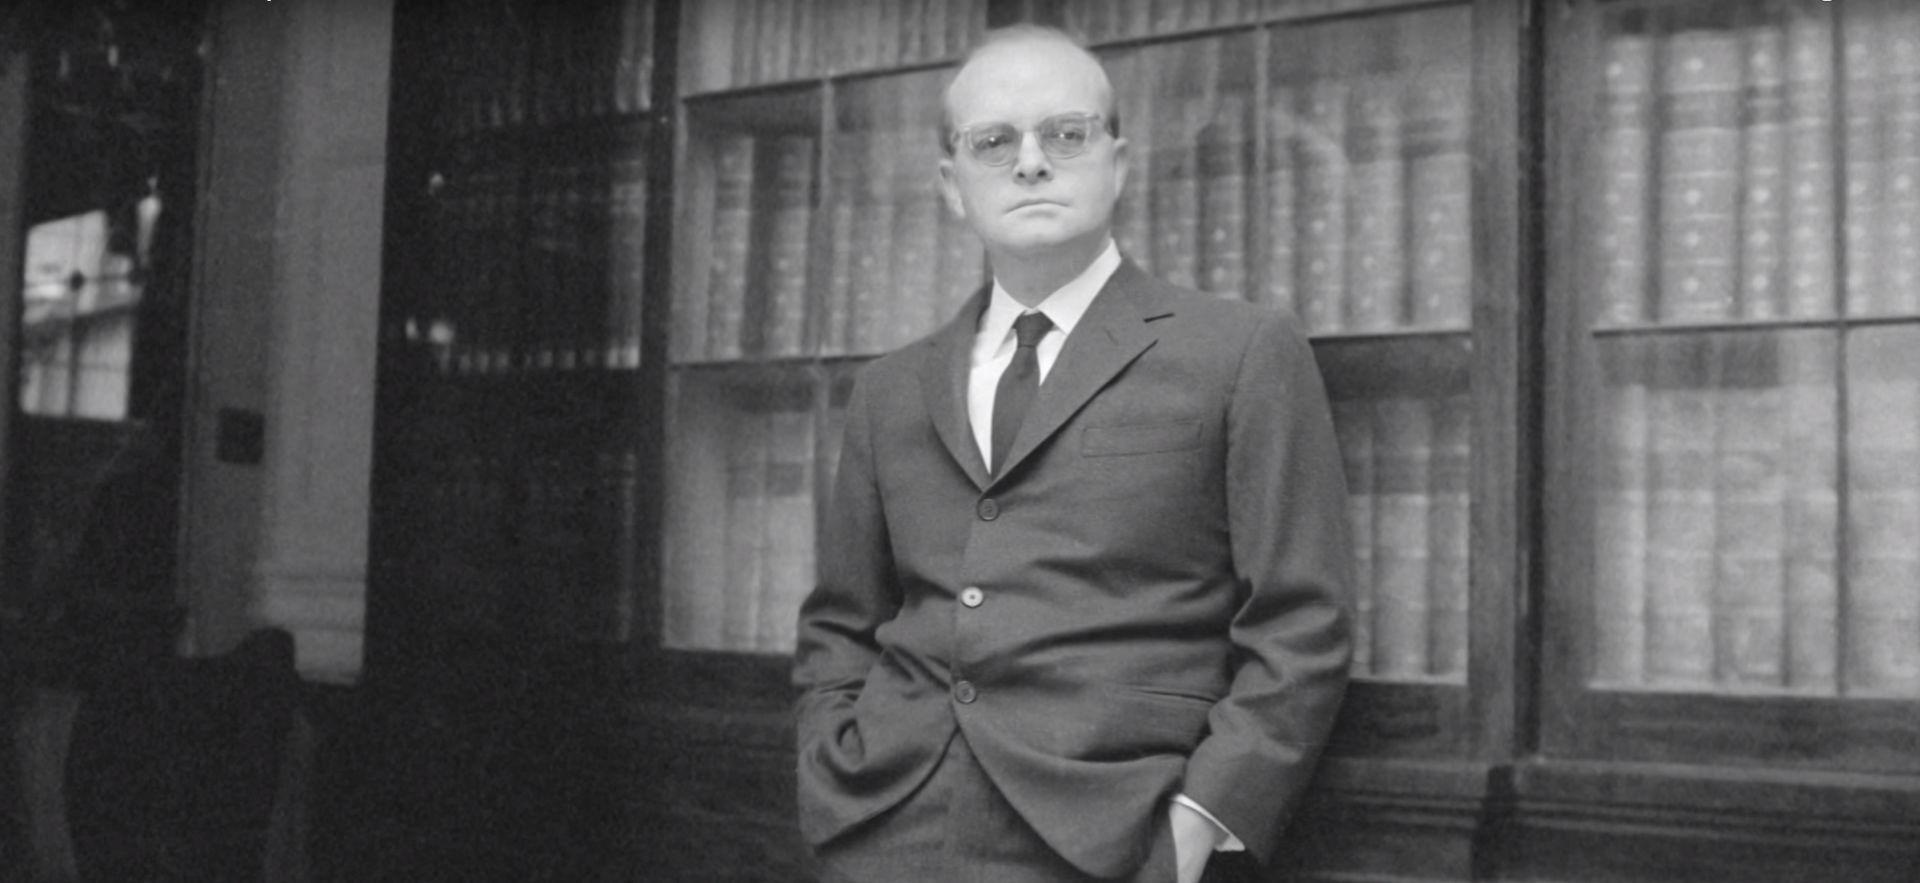 Na aukciji se prodaje pepeo Trumana Capotea